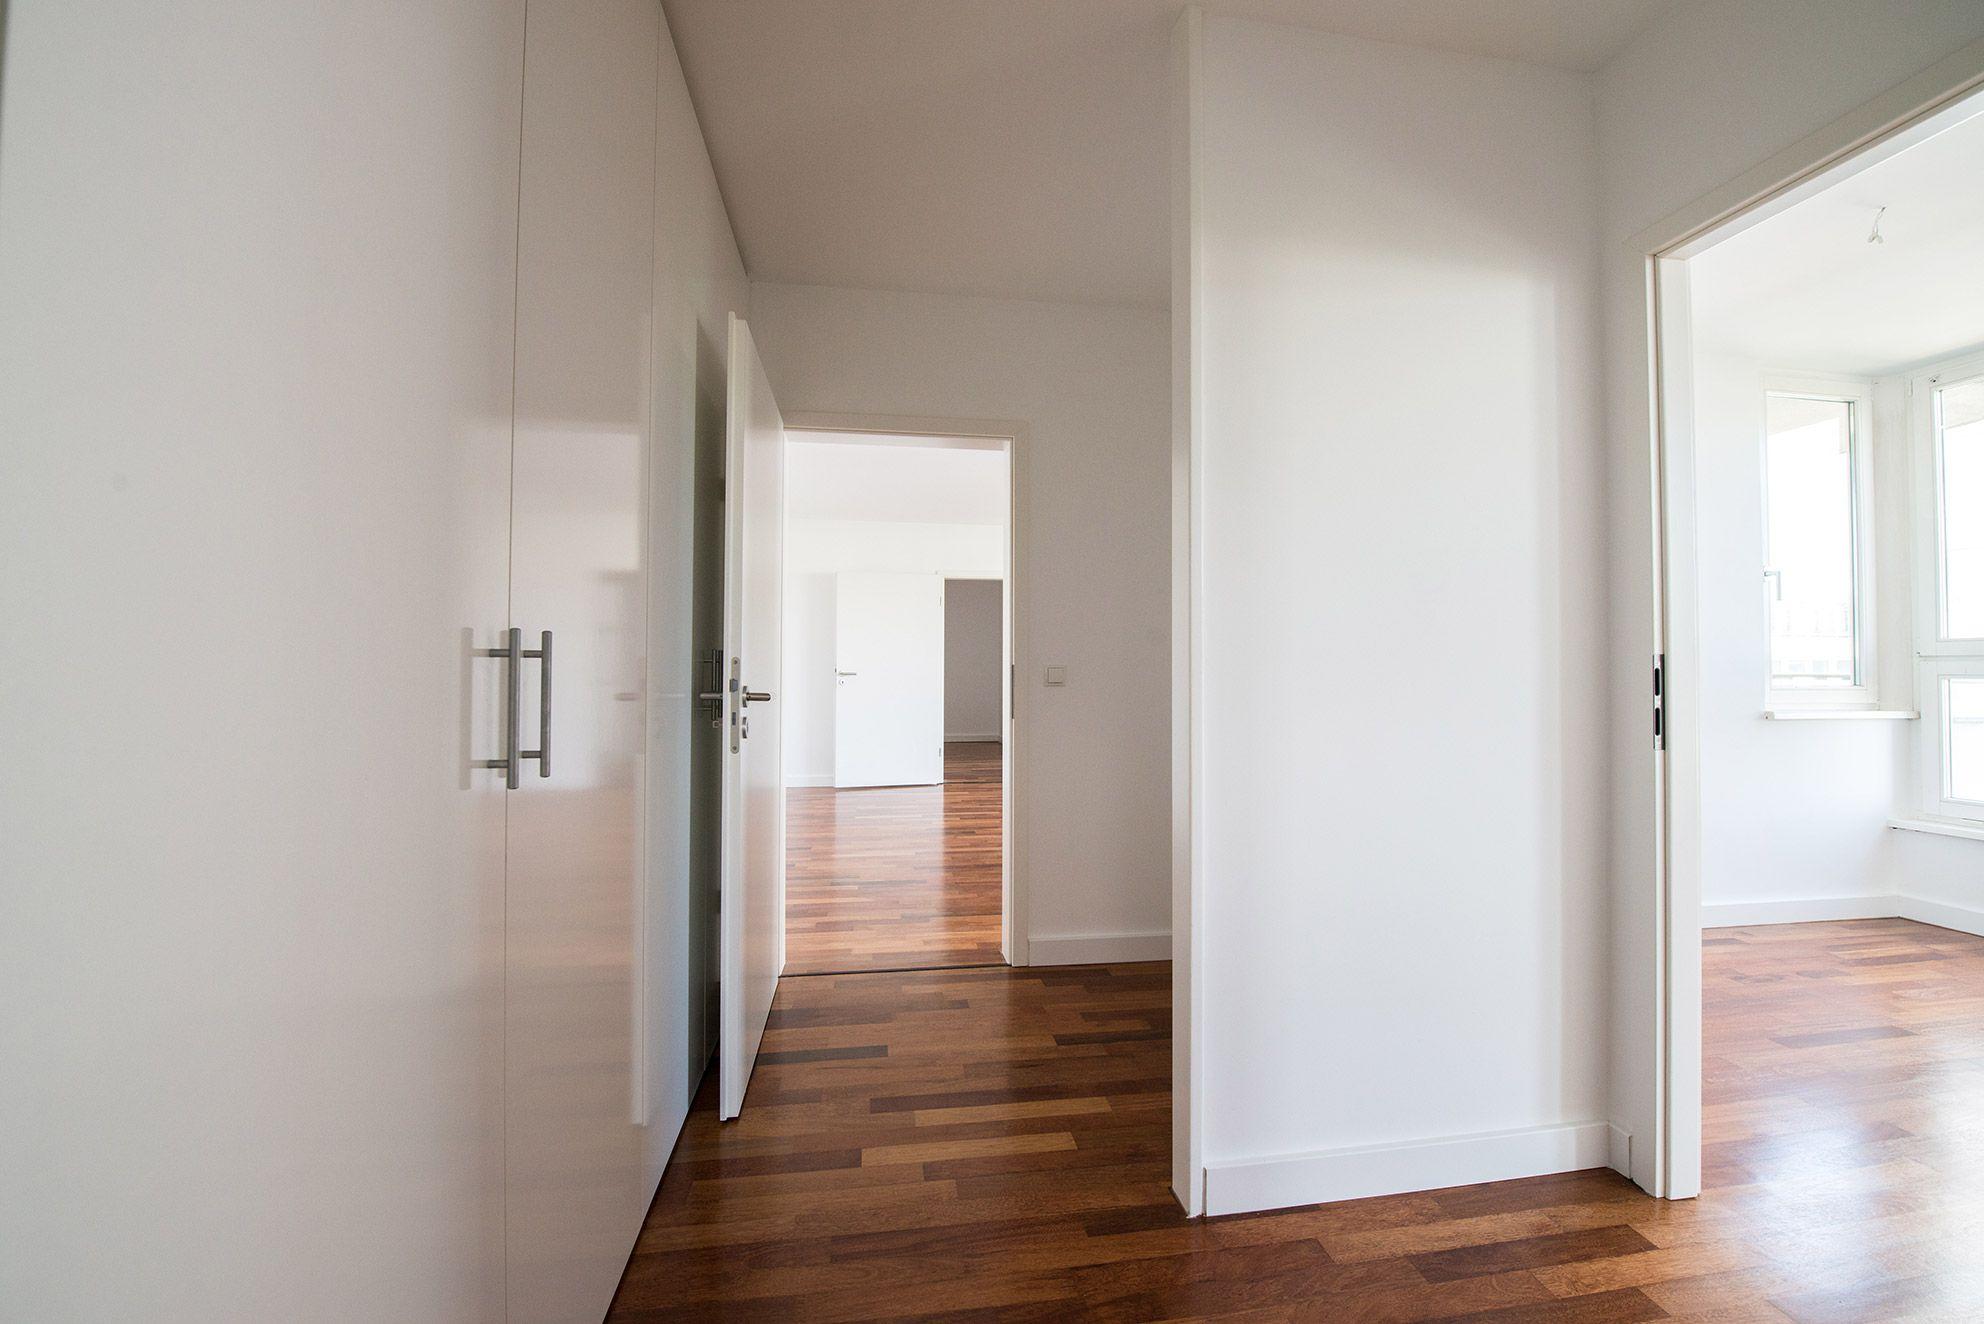 2 Zimmer Wohnung Berlin Mieten